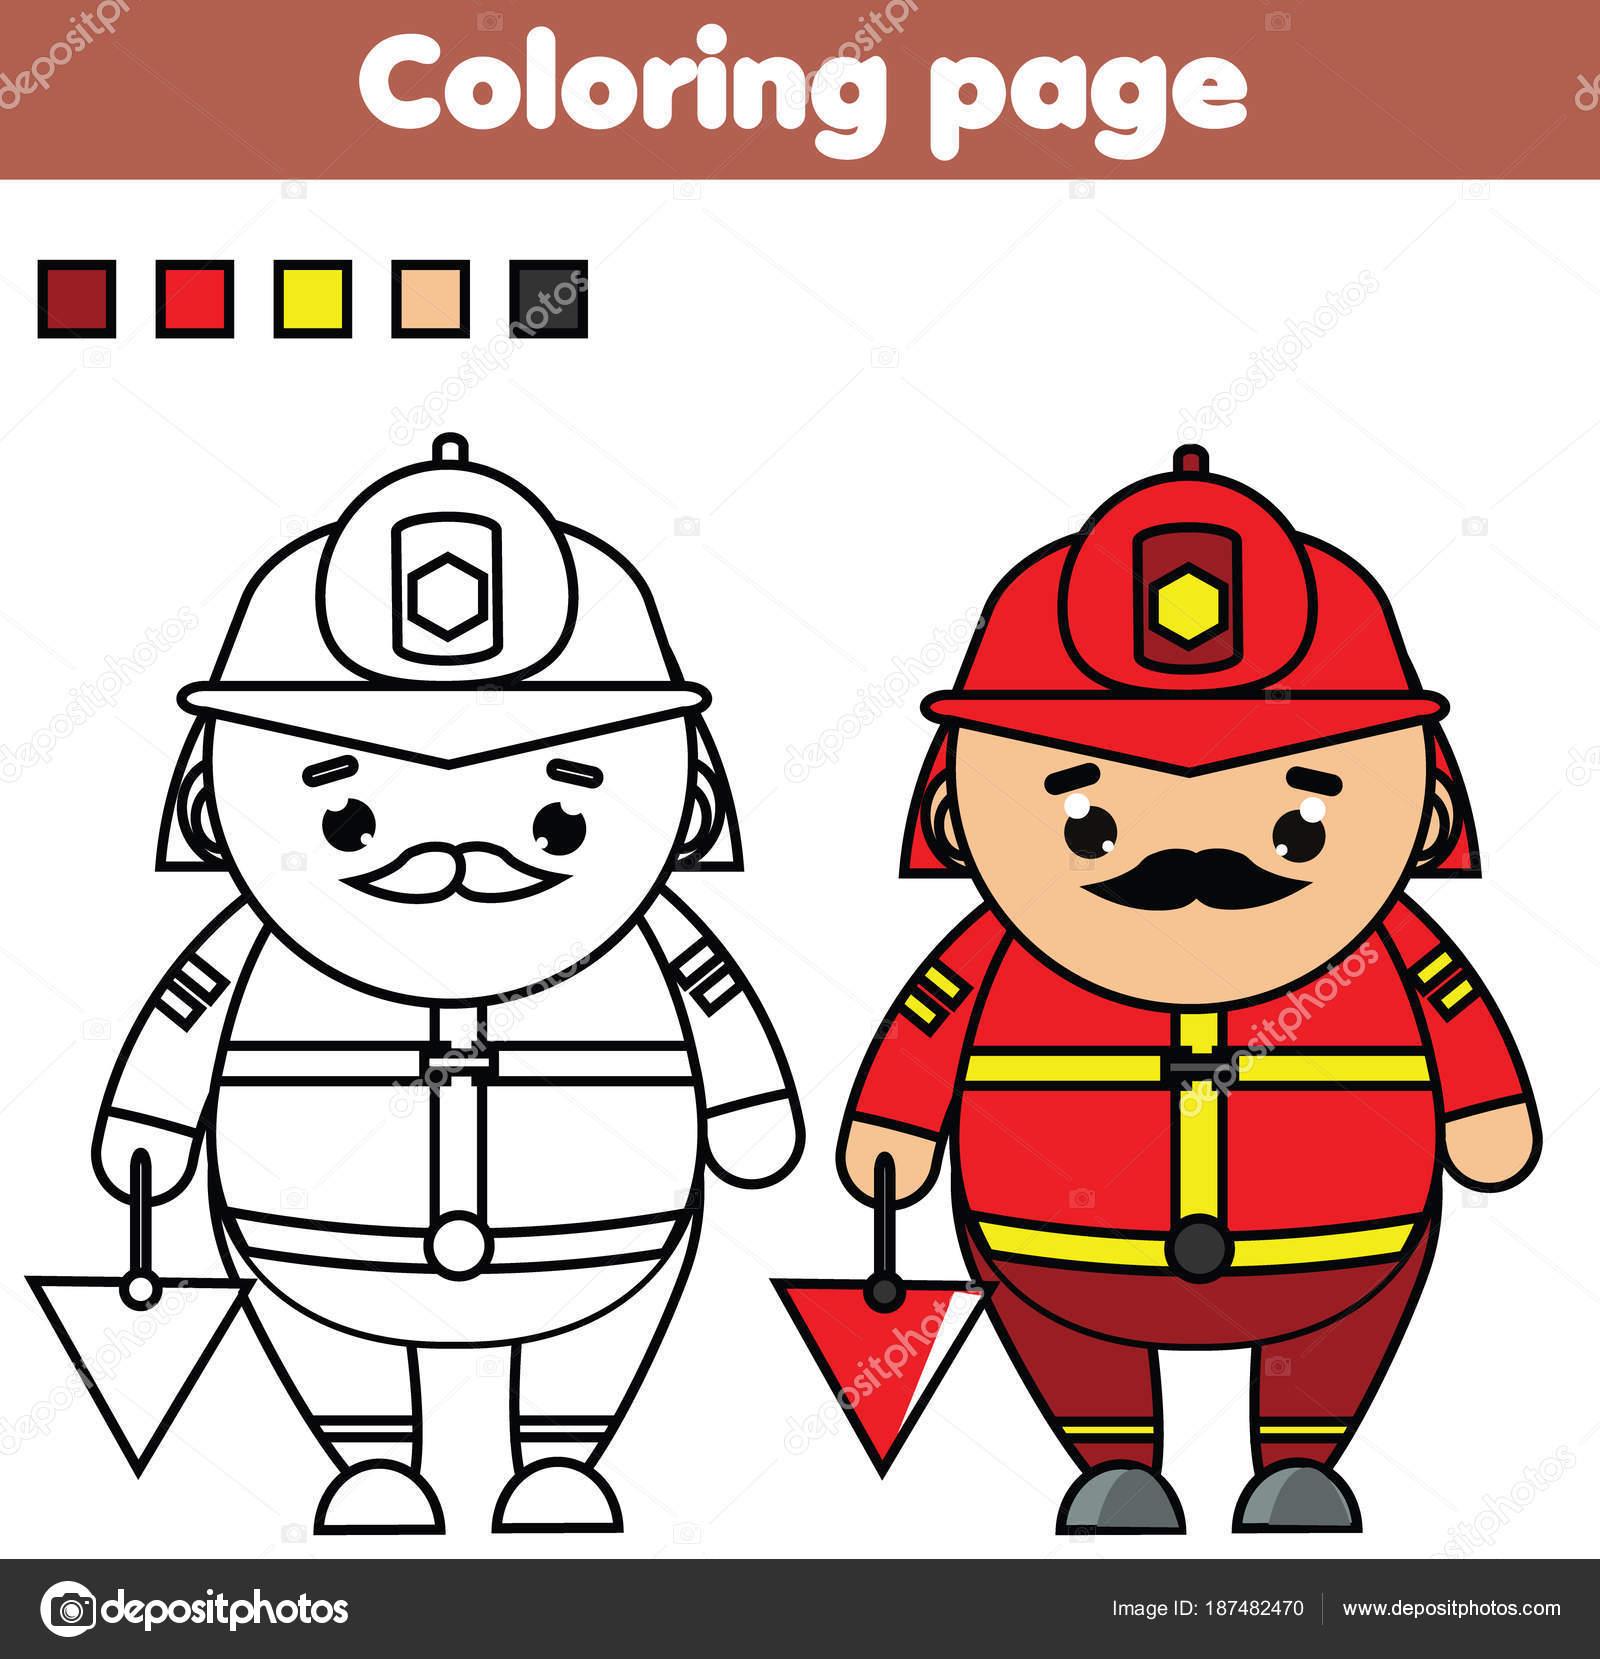 Feuerwehrmann. Malvorlagen. Lernspiel. Druckbare Aktivitäten für ...